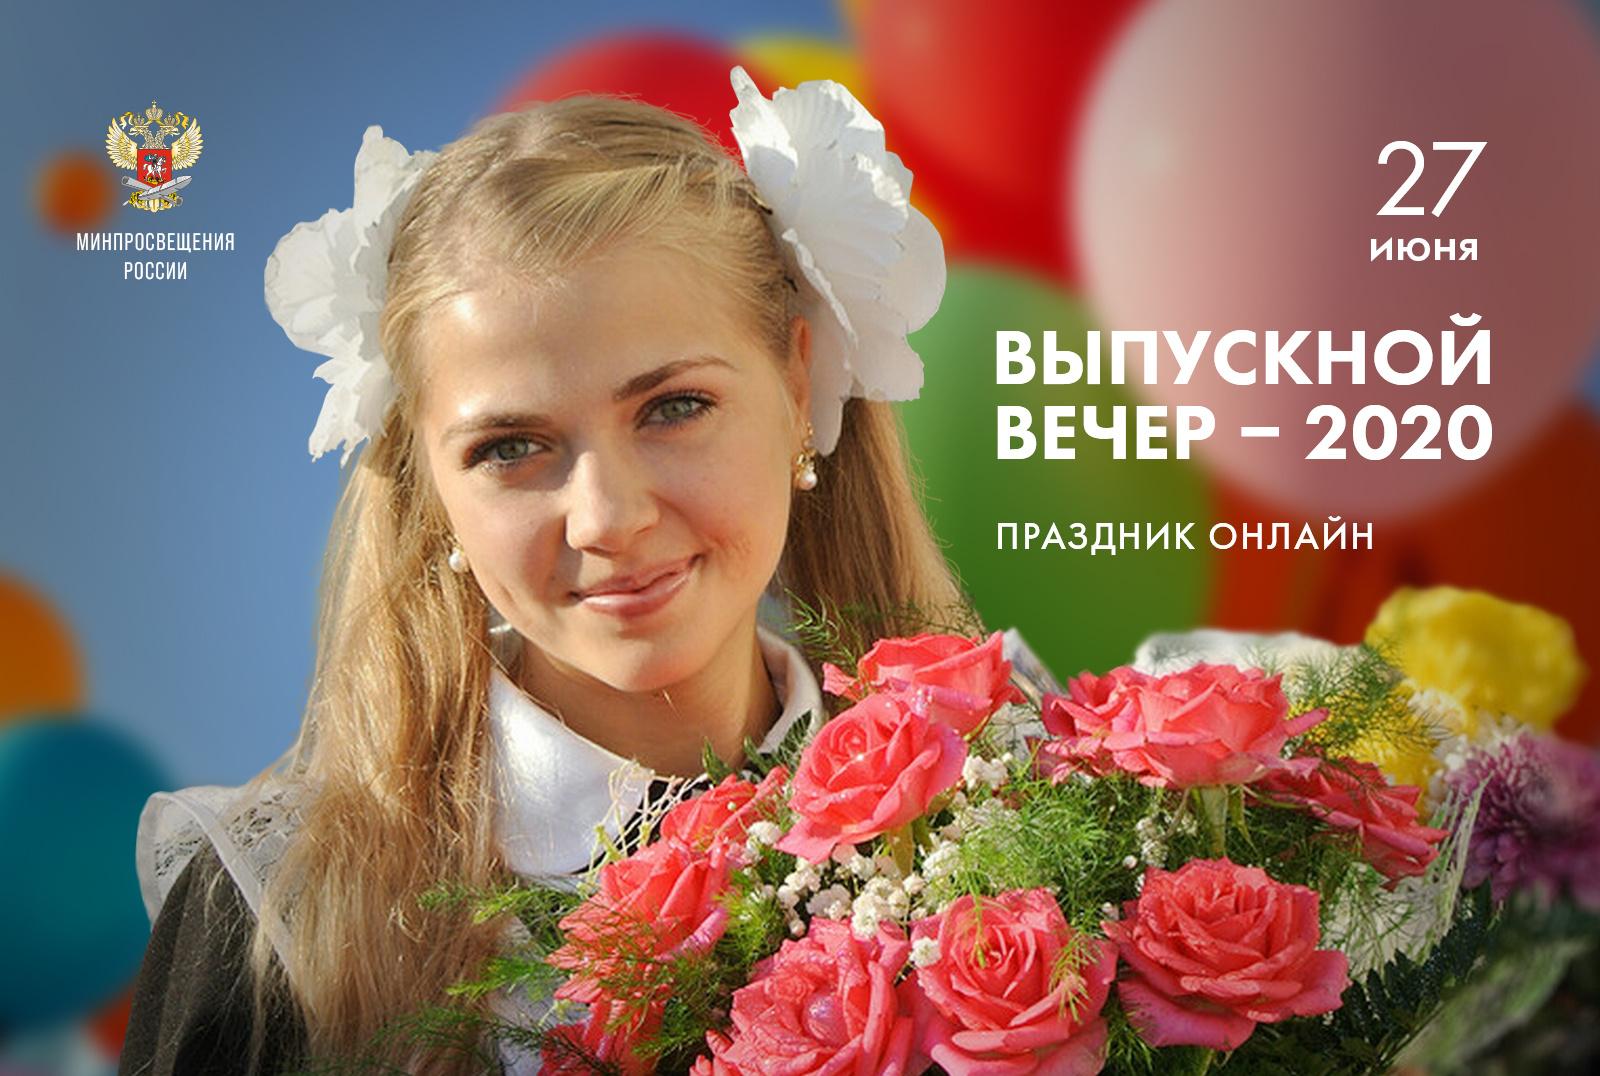 vladimir-putin-primet-uchastie-v-onlajn-vypusknom-dlya-shkolnikov